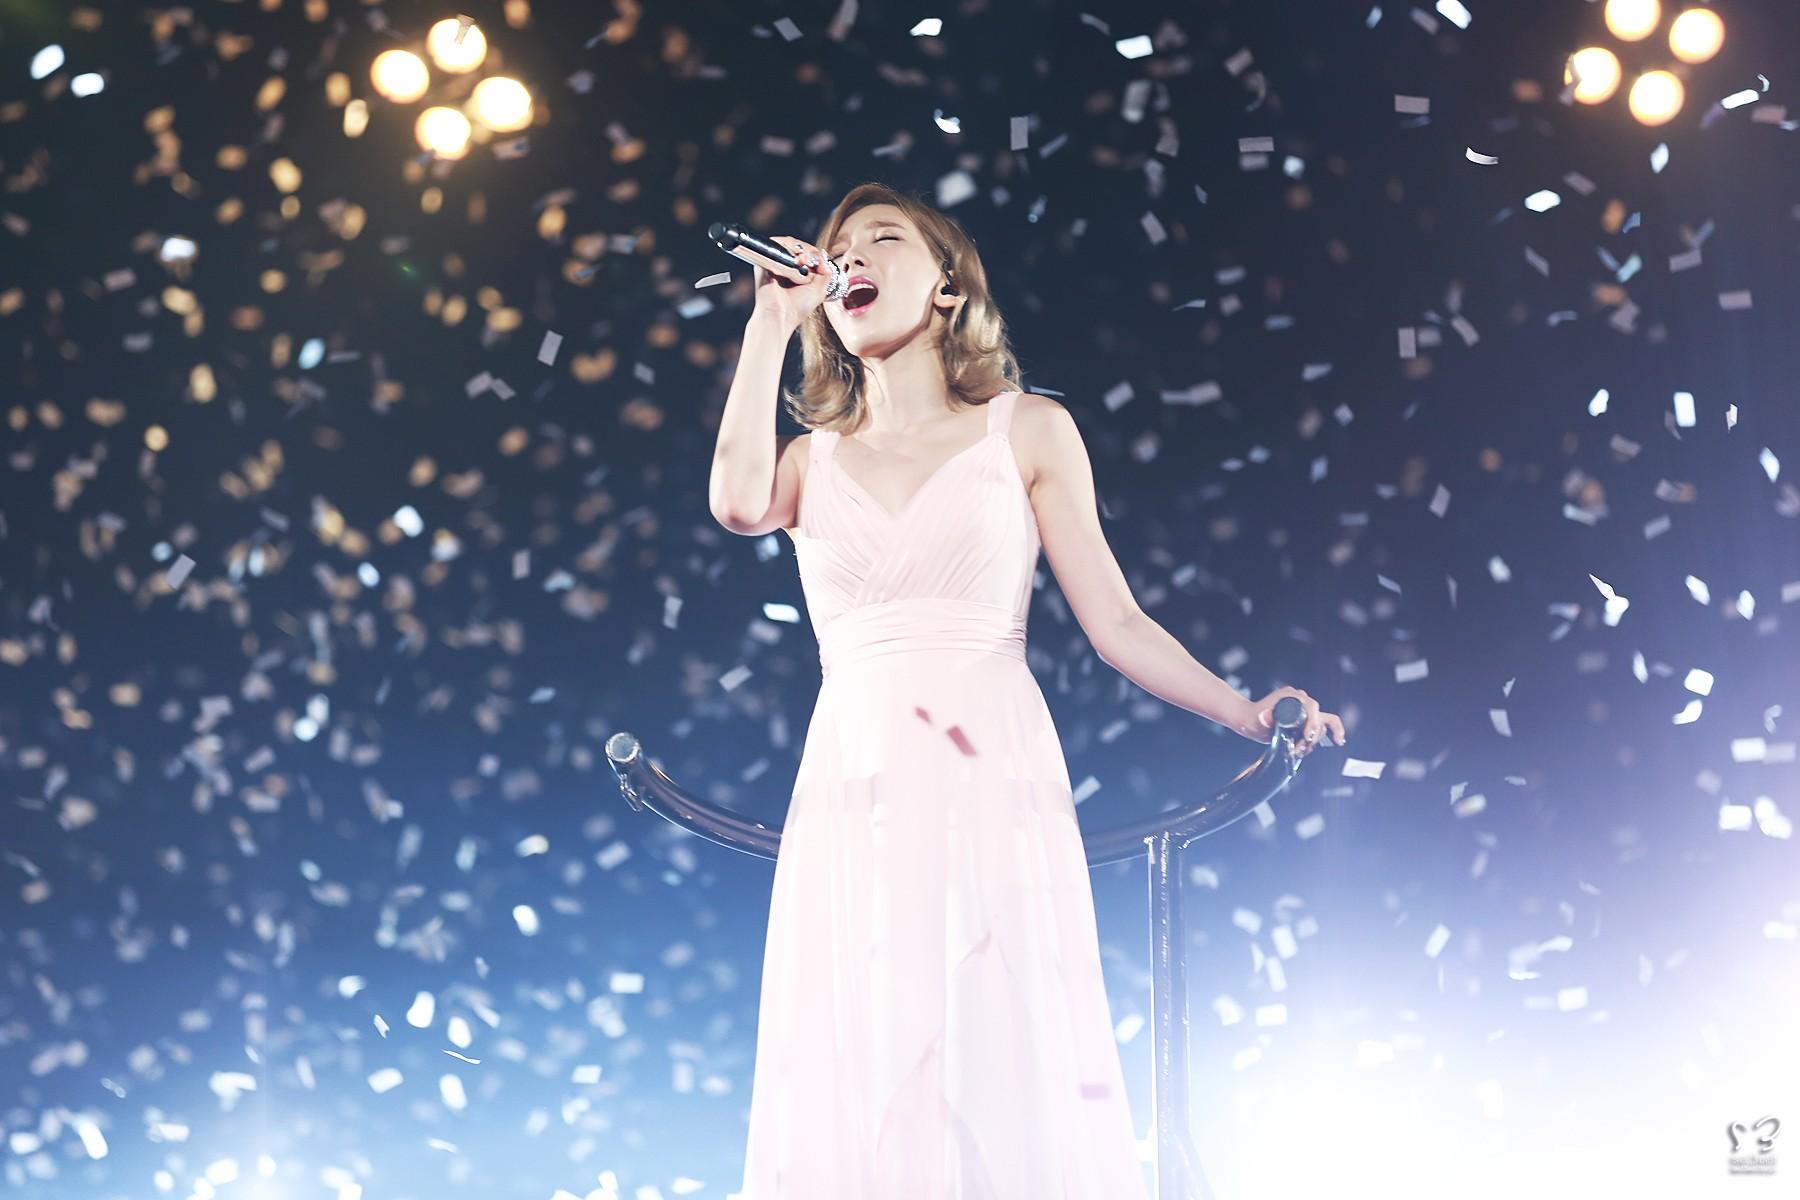 Sao Kpop với người bạn pháo giấy trên sân khấu: Người đẹp xuất thần, kẻ thất thần khiến fan không nhịn nổi cười - Ảnh 6.